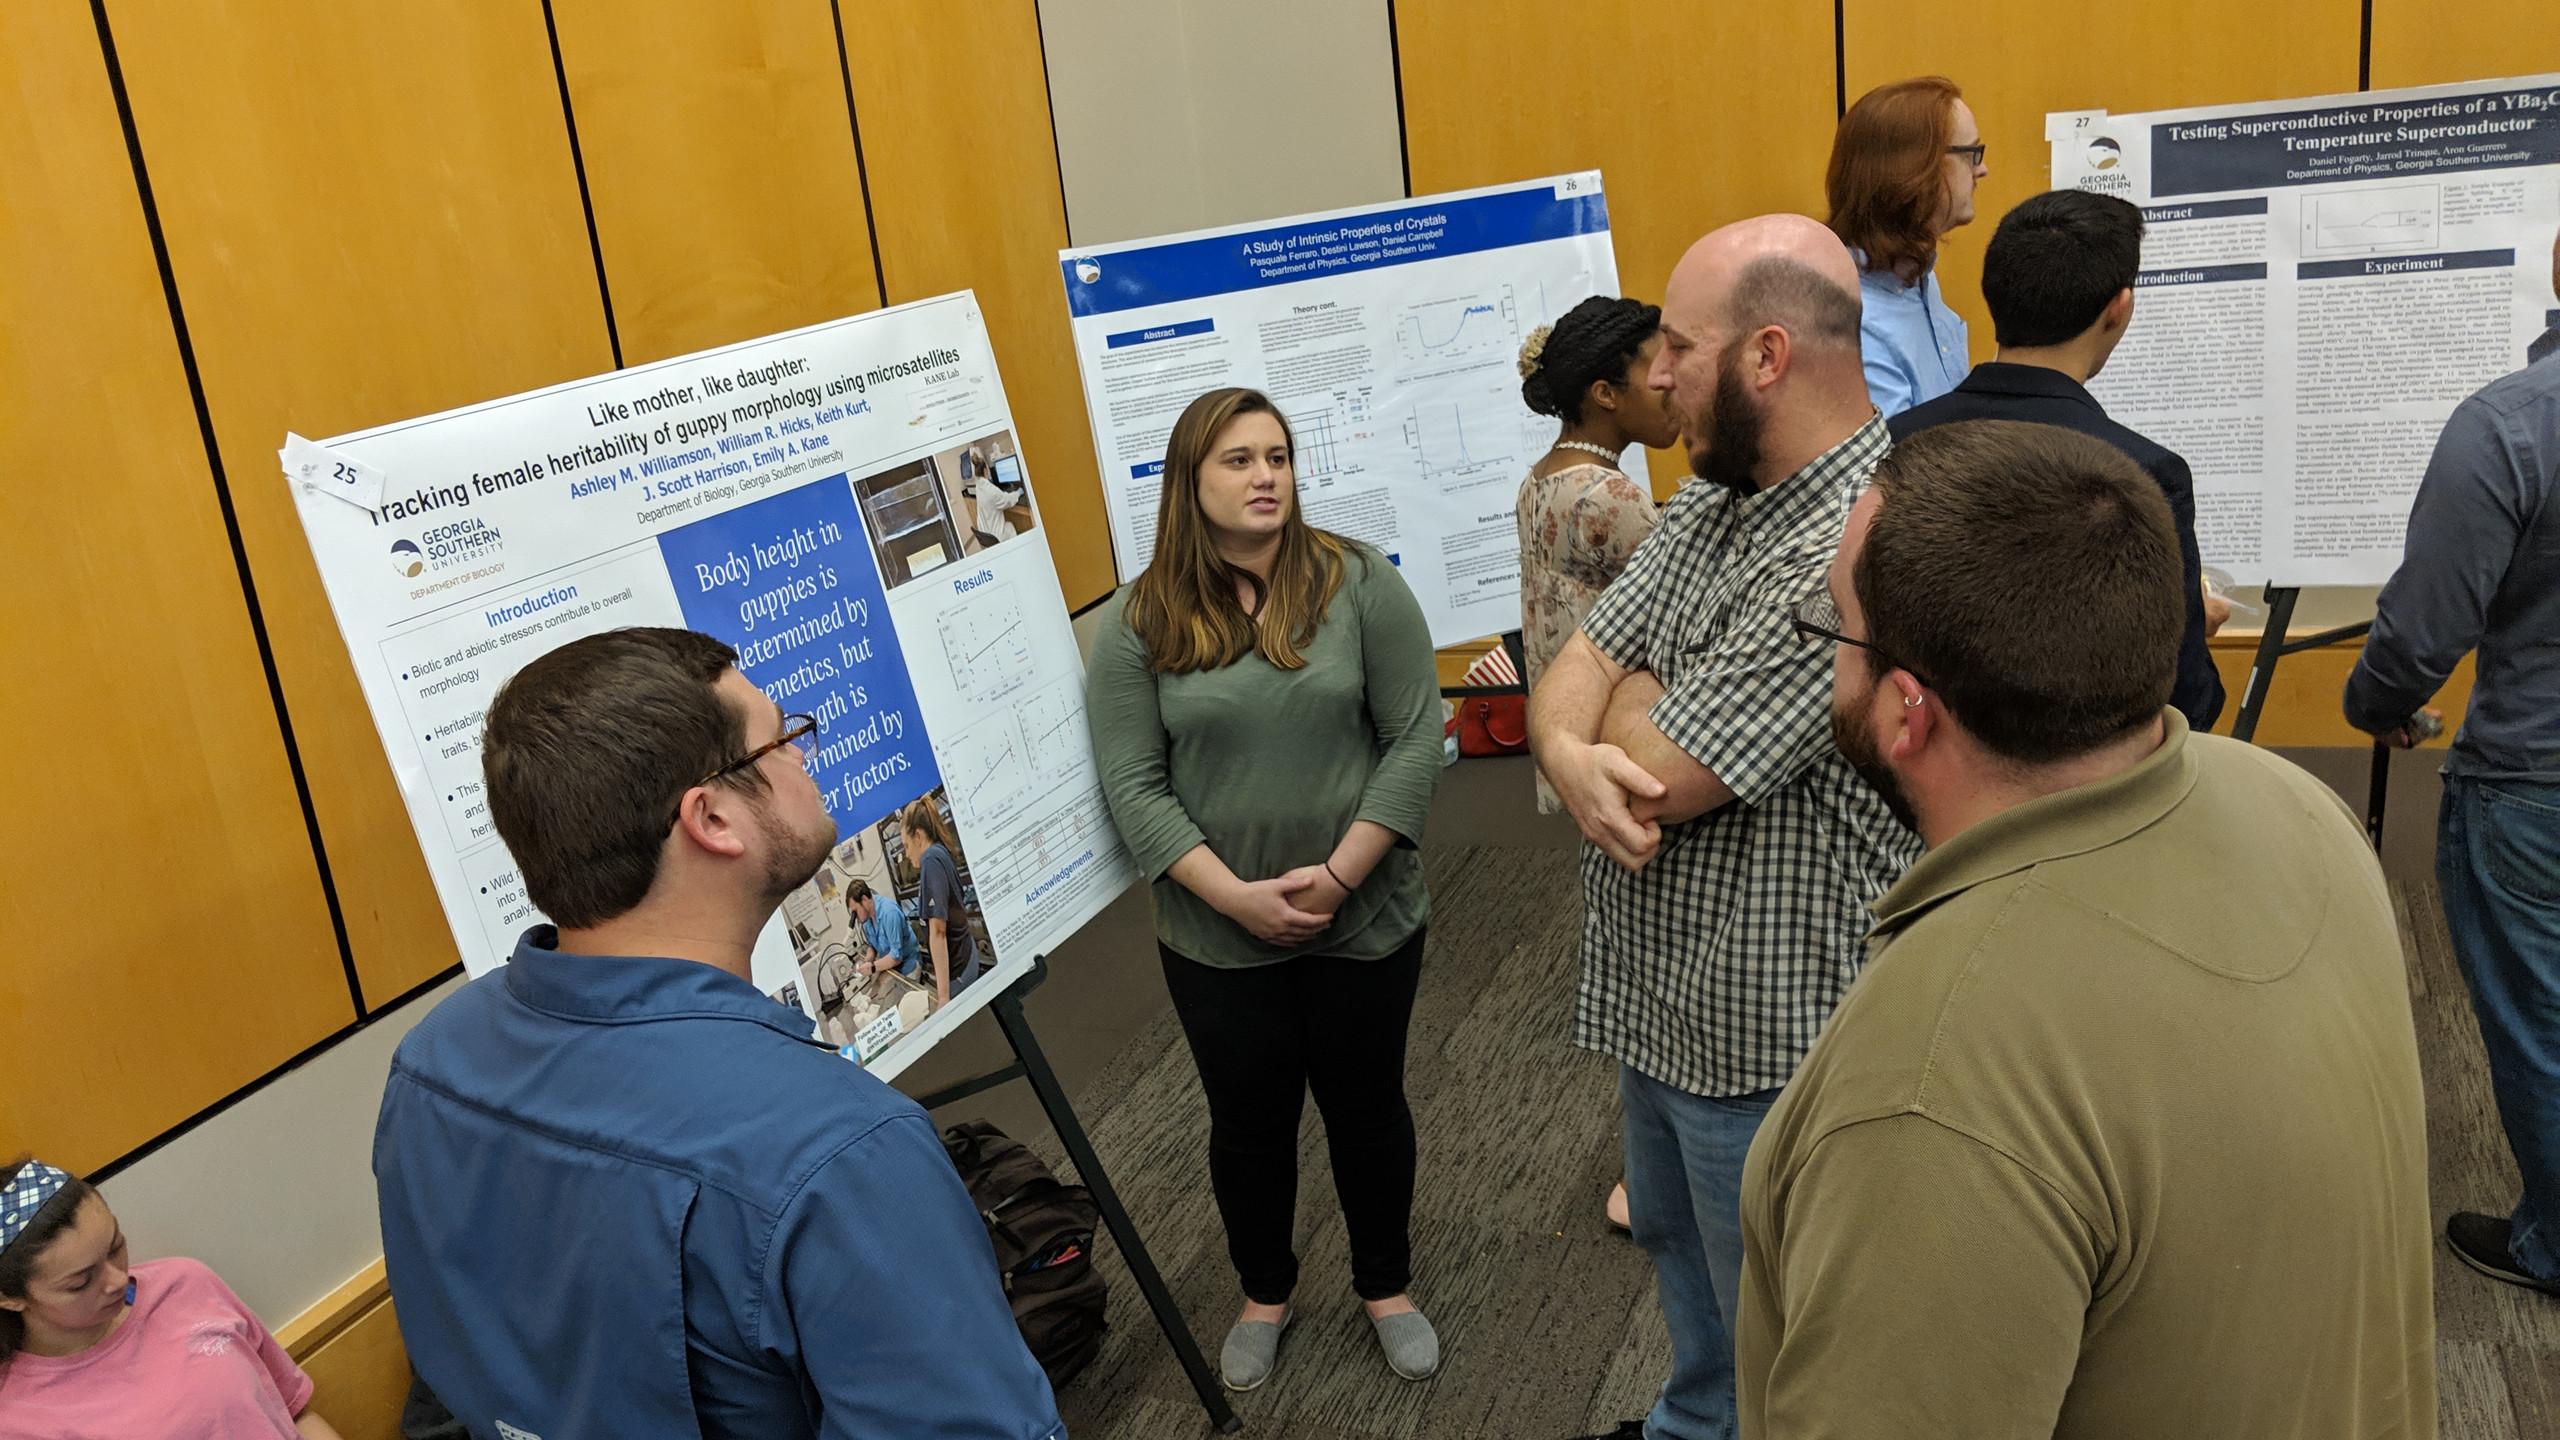 COSM research symposium